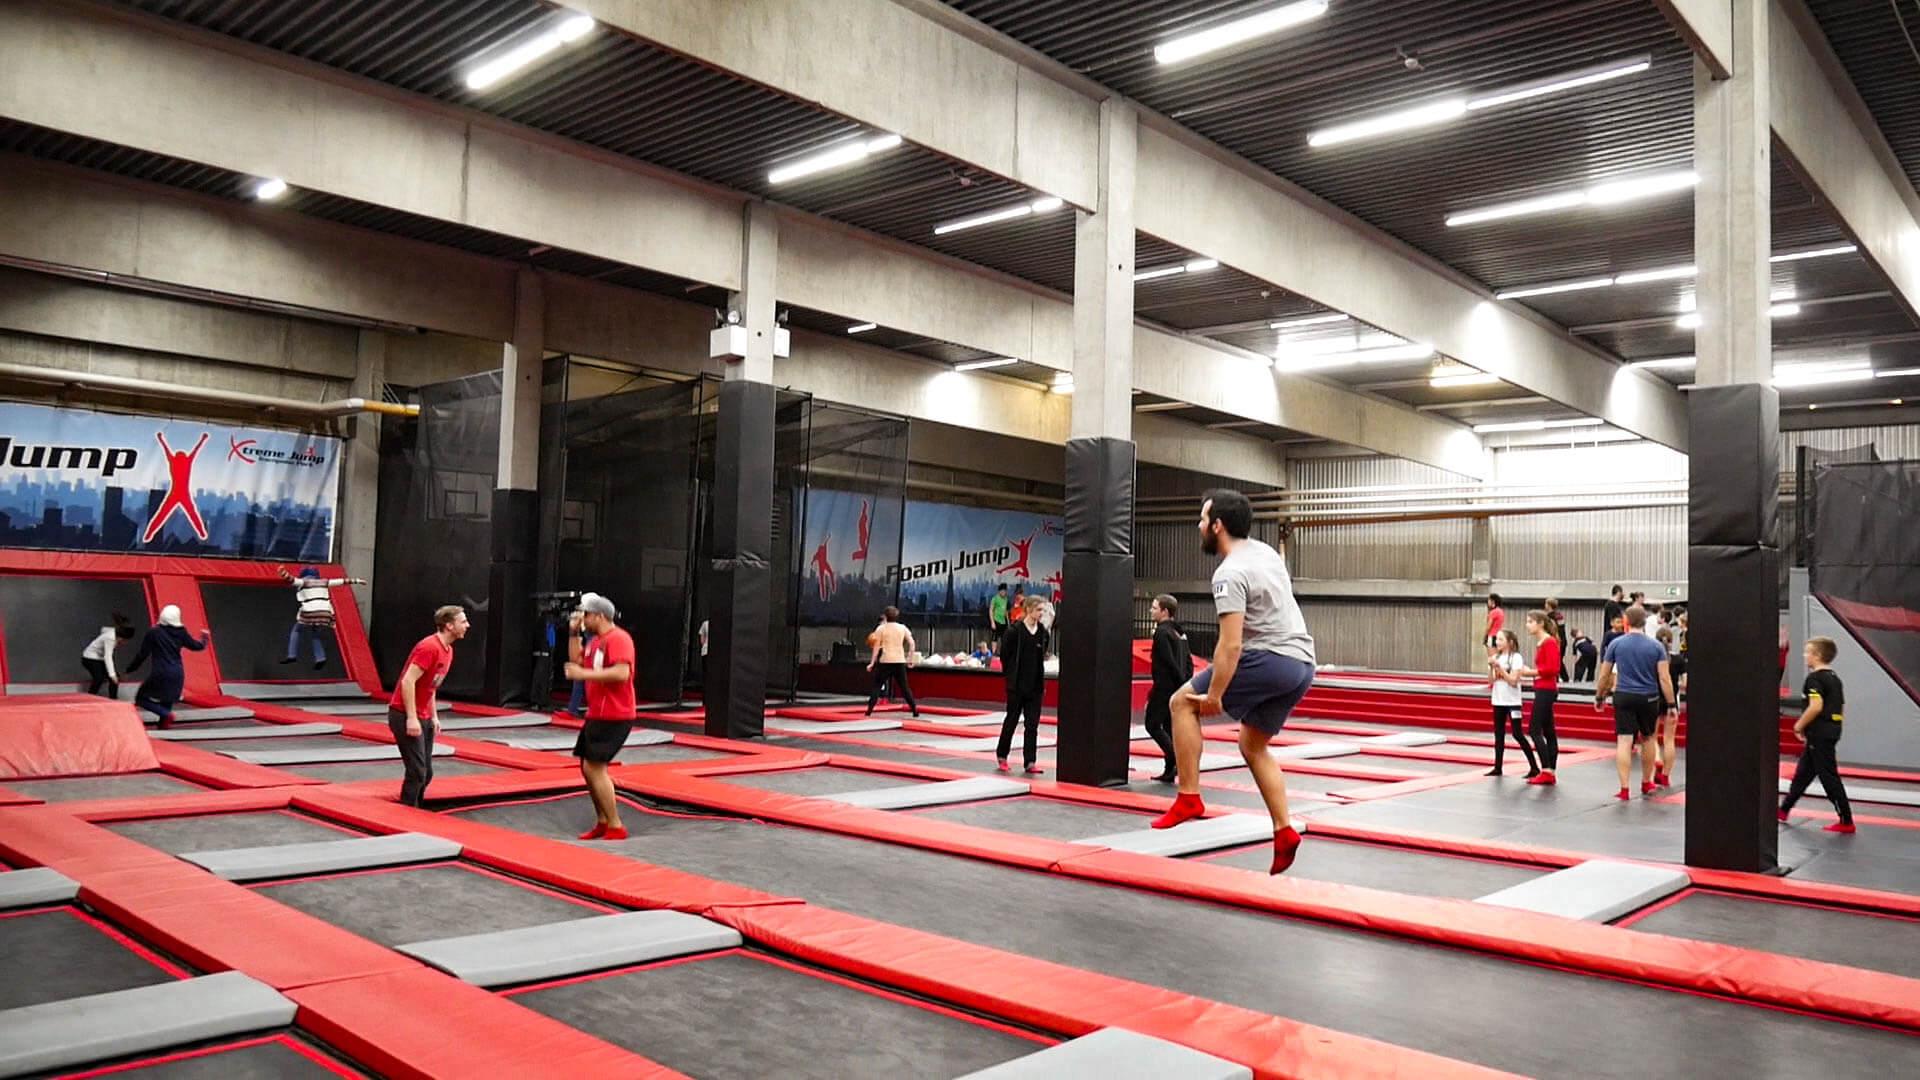 Die Trampolinhalle Jump4All in Ulm